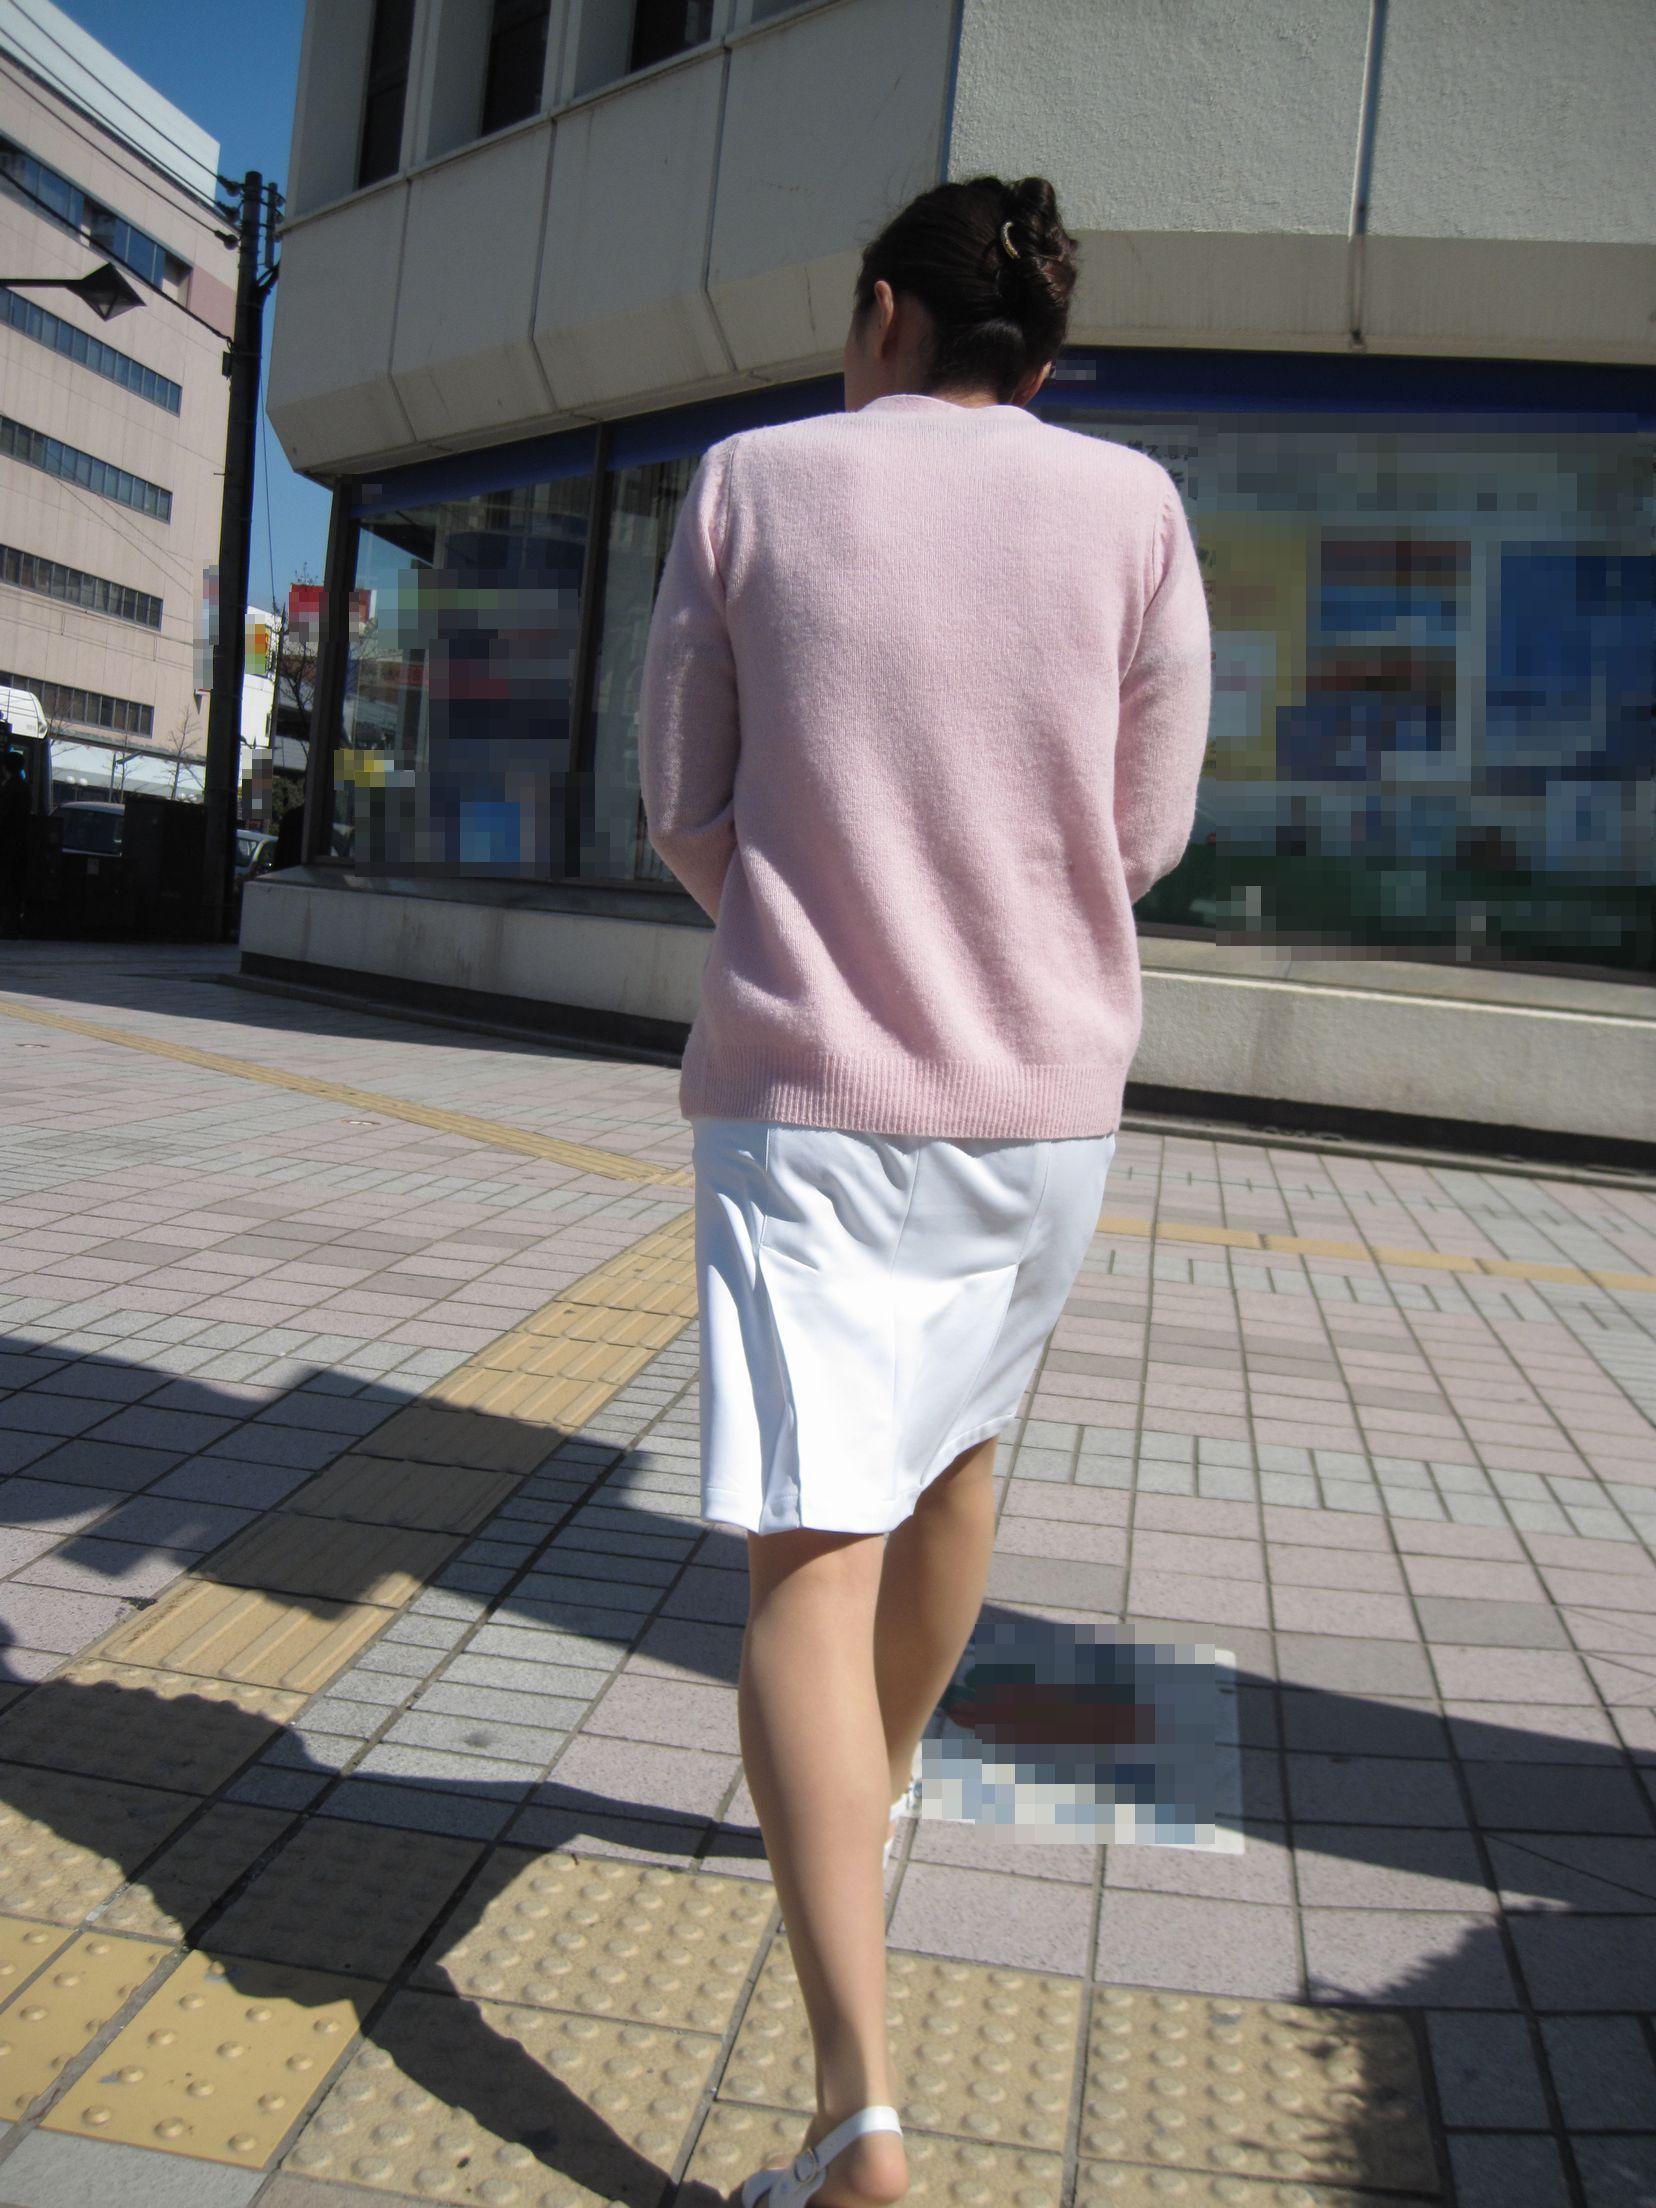 【街撮り働く女性エロ画像】病院の外で制服姿のナースを見た瞬間、何故か灯る期待感www  11